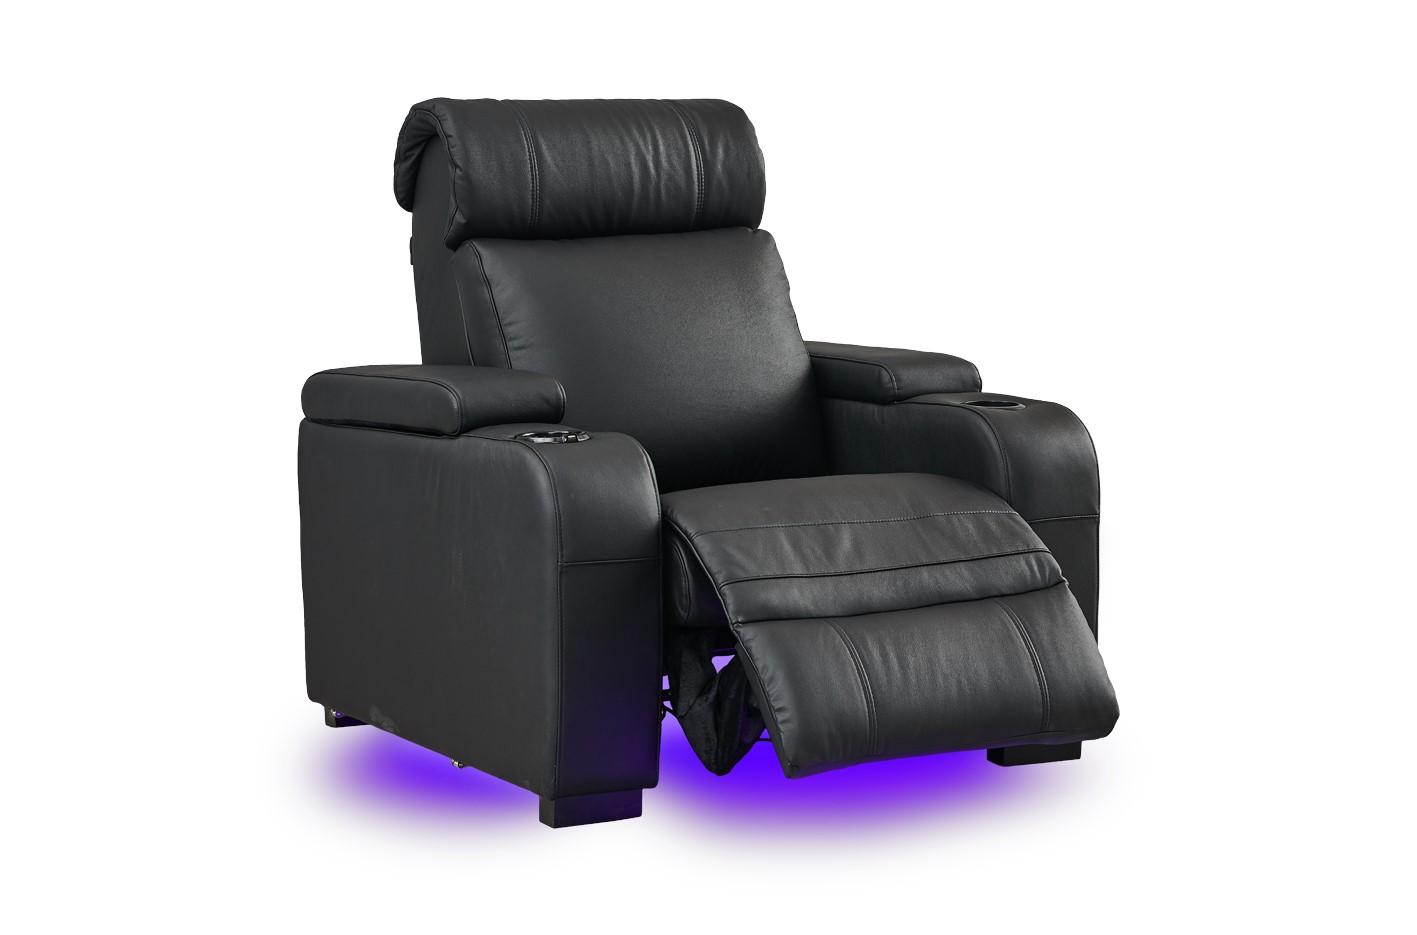 Jedna ležeća fotelja